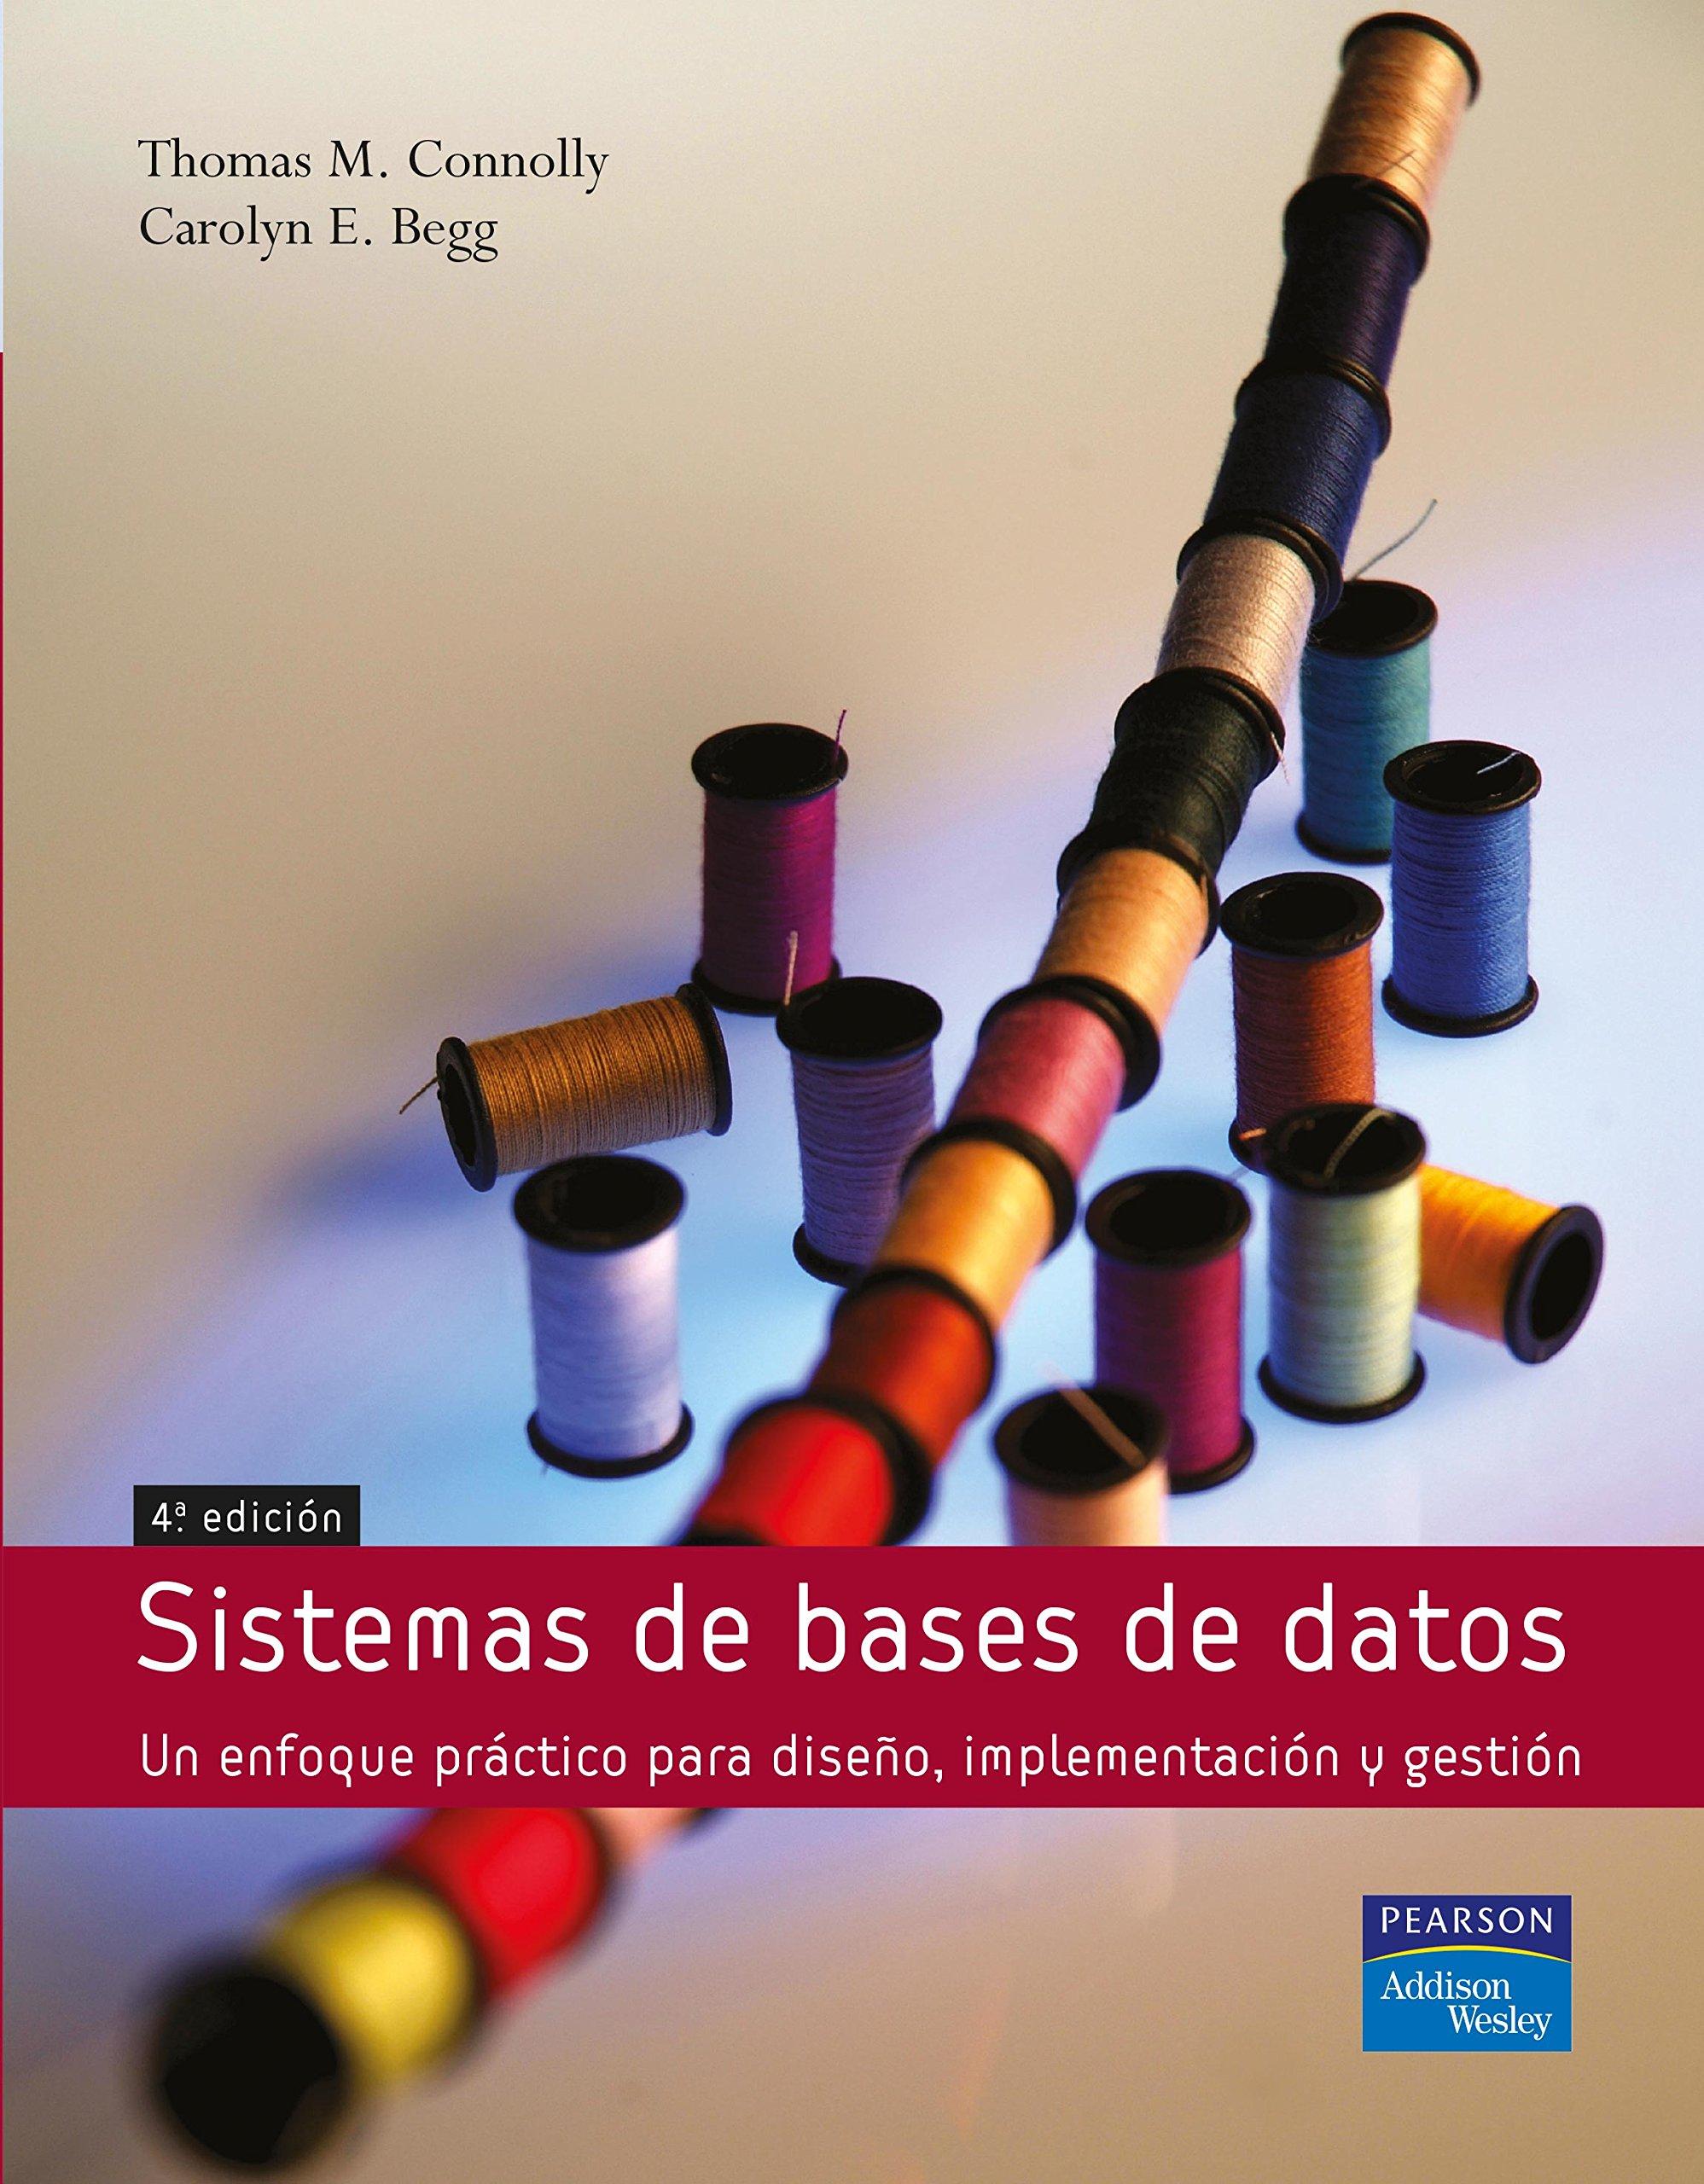 Sistemas de bases de datos: Un enfoque práctico para diseño, implementación y gestión Tapa blanda – 1 oct 2005 Carolyn Begg Thomas Connolly ADDISON WESLEY 8478290753